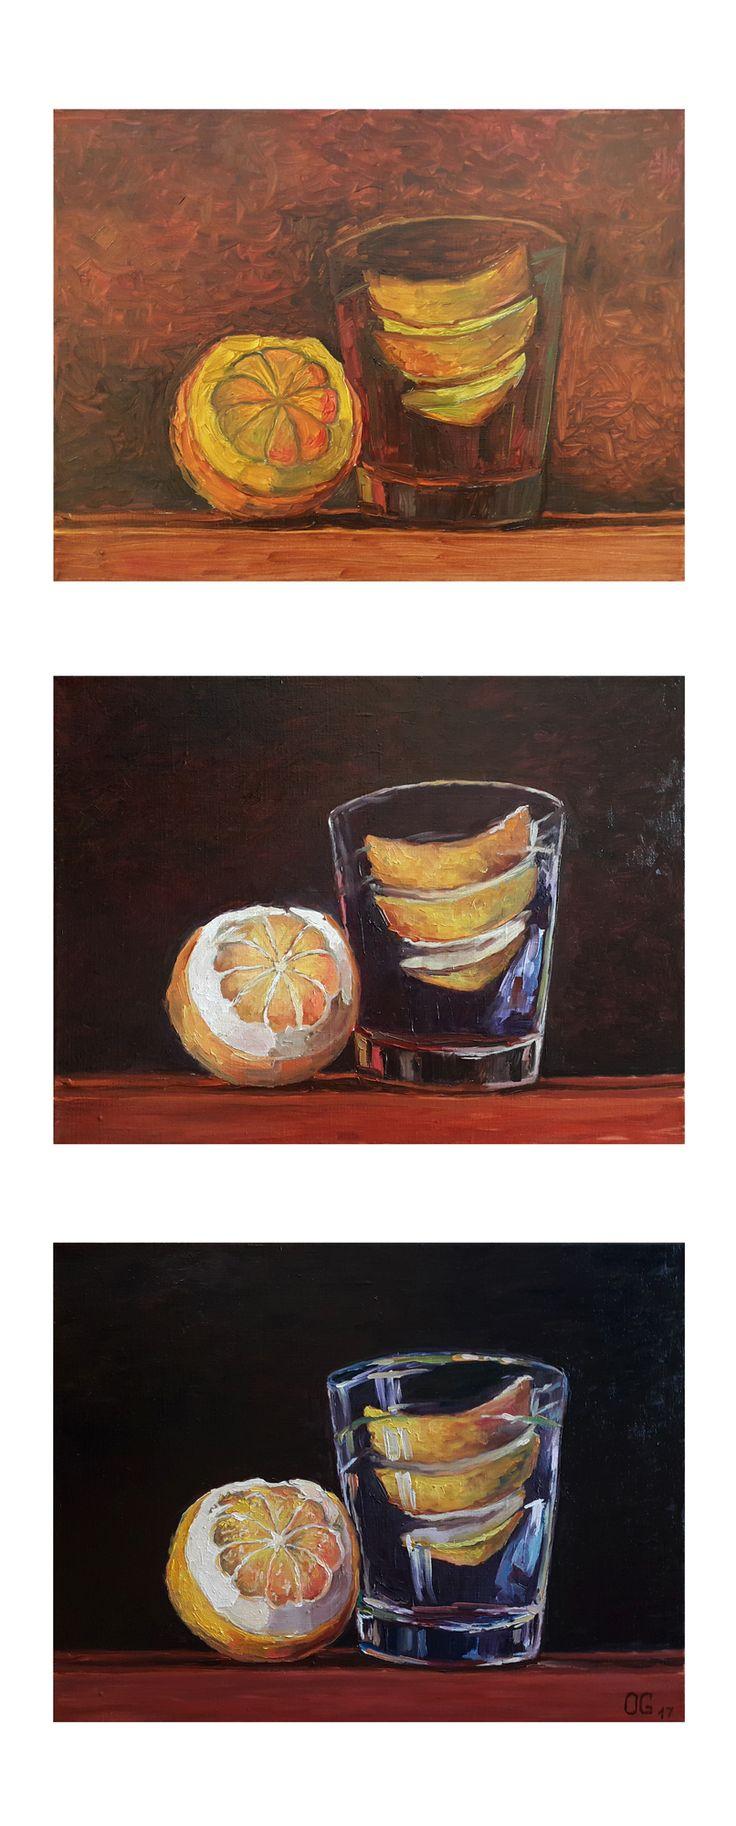 Рисование маслом поэтапно. Картина маслом лимон. Студия рисования и живописи Артинтент. Ольга Гут 30х40, холст масло. Рисование и живопись для начинающих. Как рисовать маслом Научиться рисовать